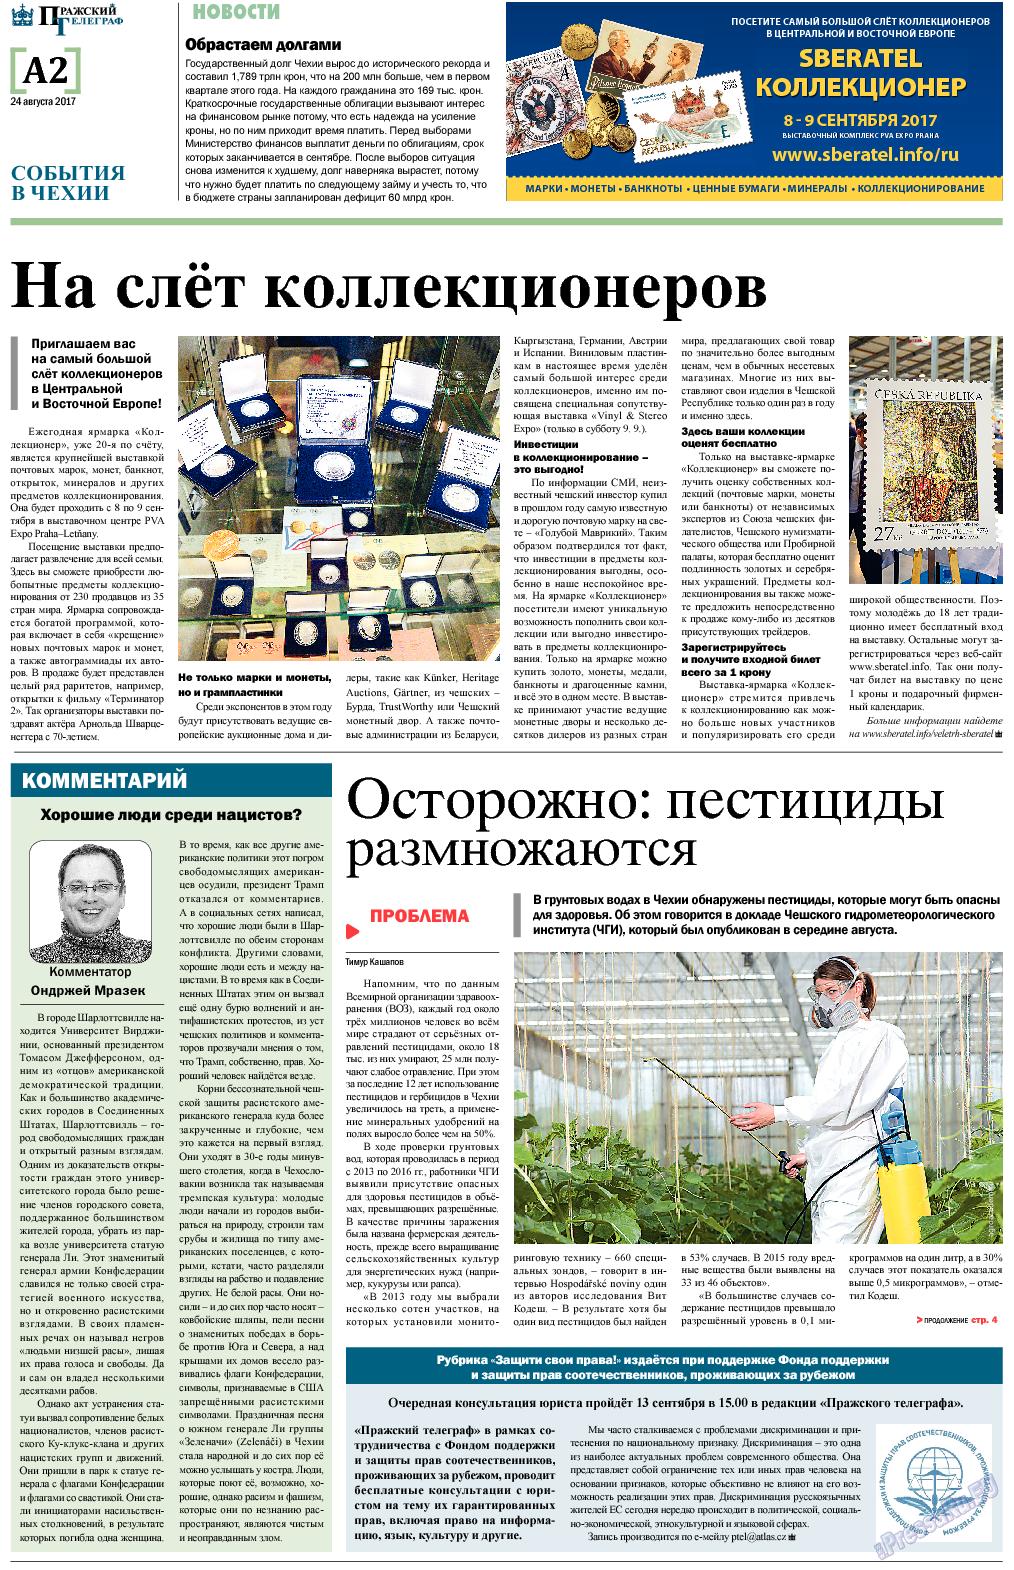 Пражский телеграф (газета). 2017 год, номер 33, стр. 2